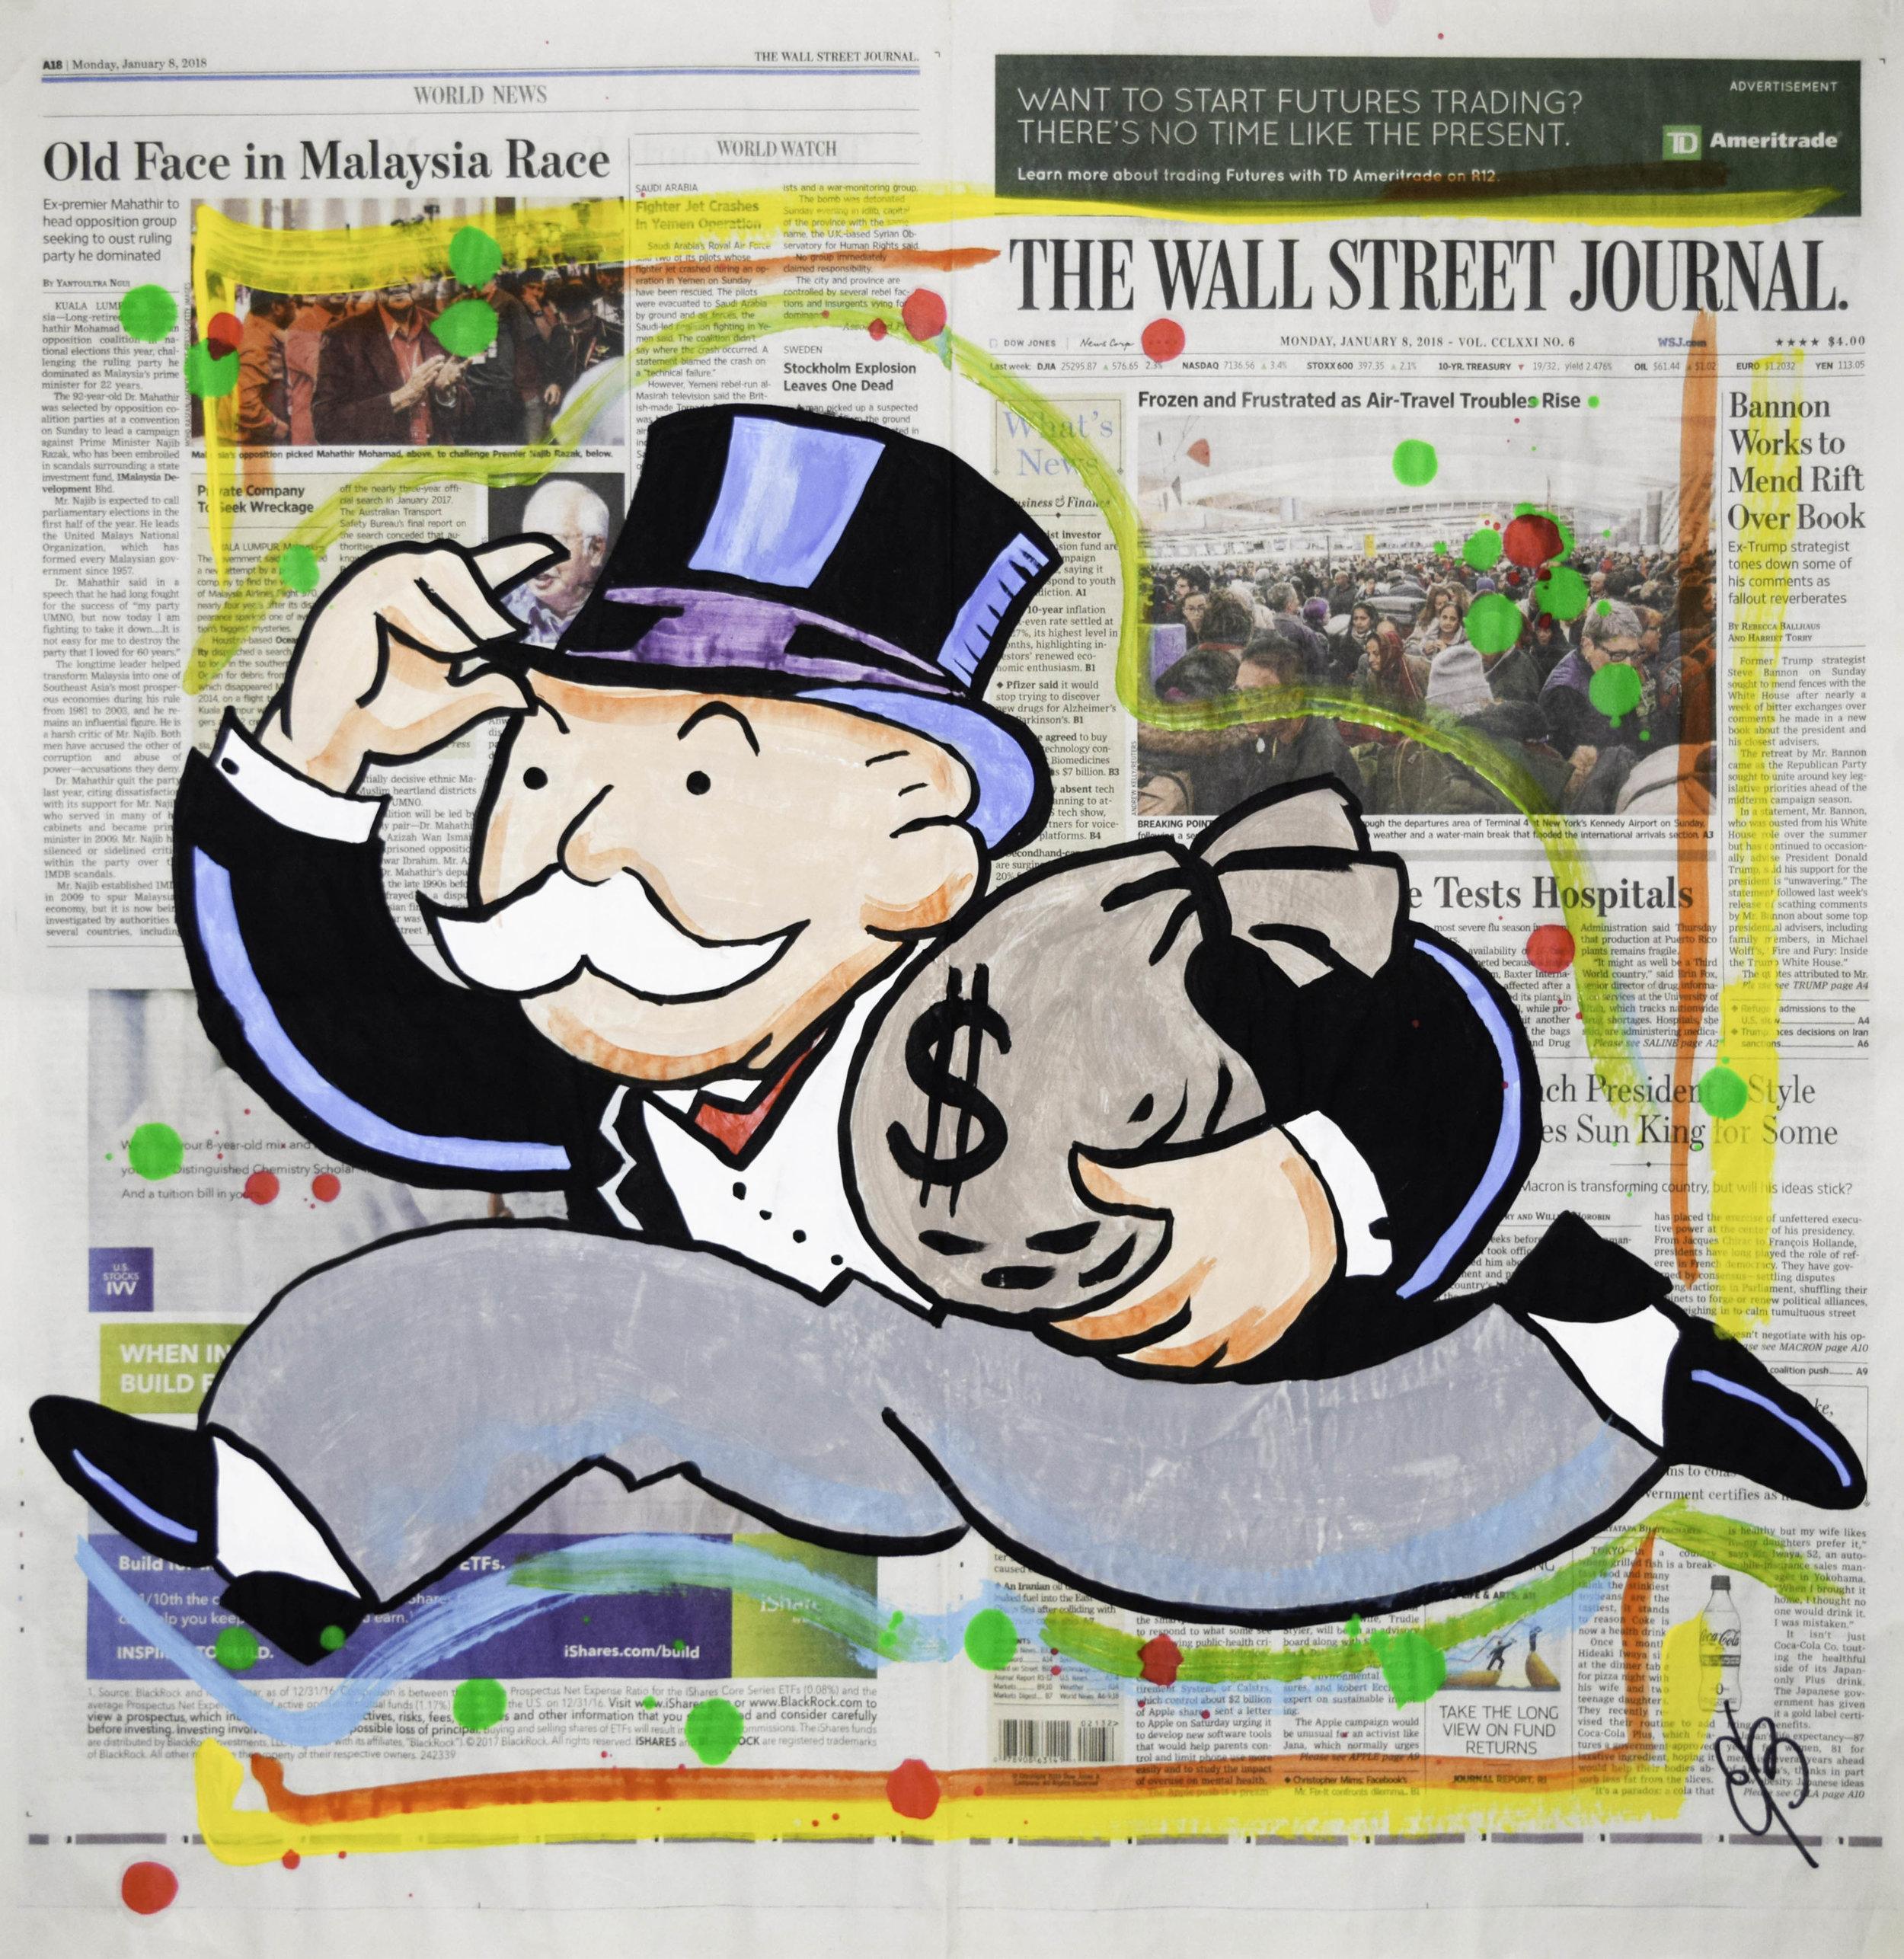 WALL STREET JOURNAL SERRIES